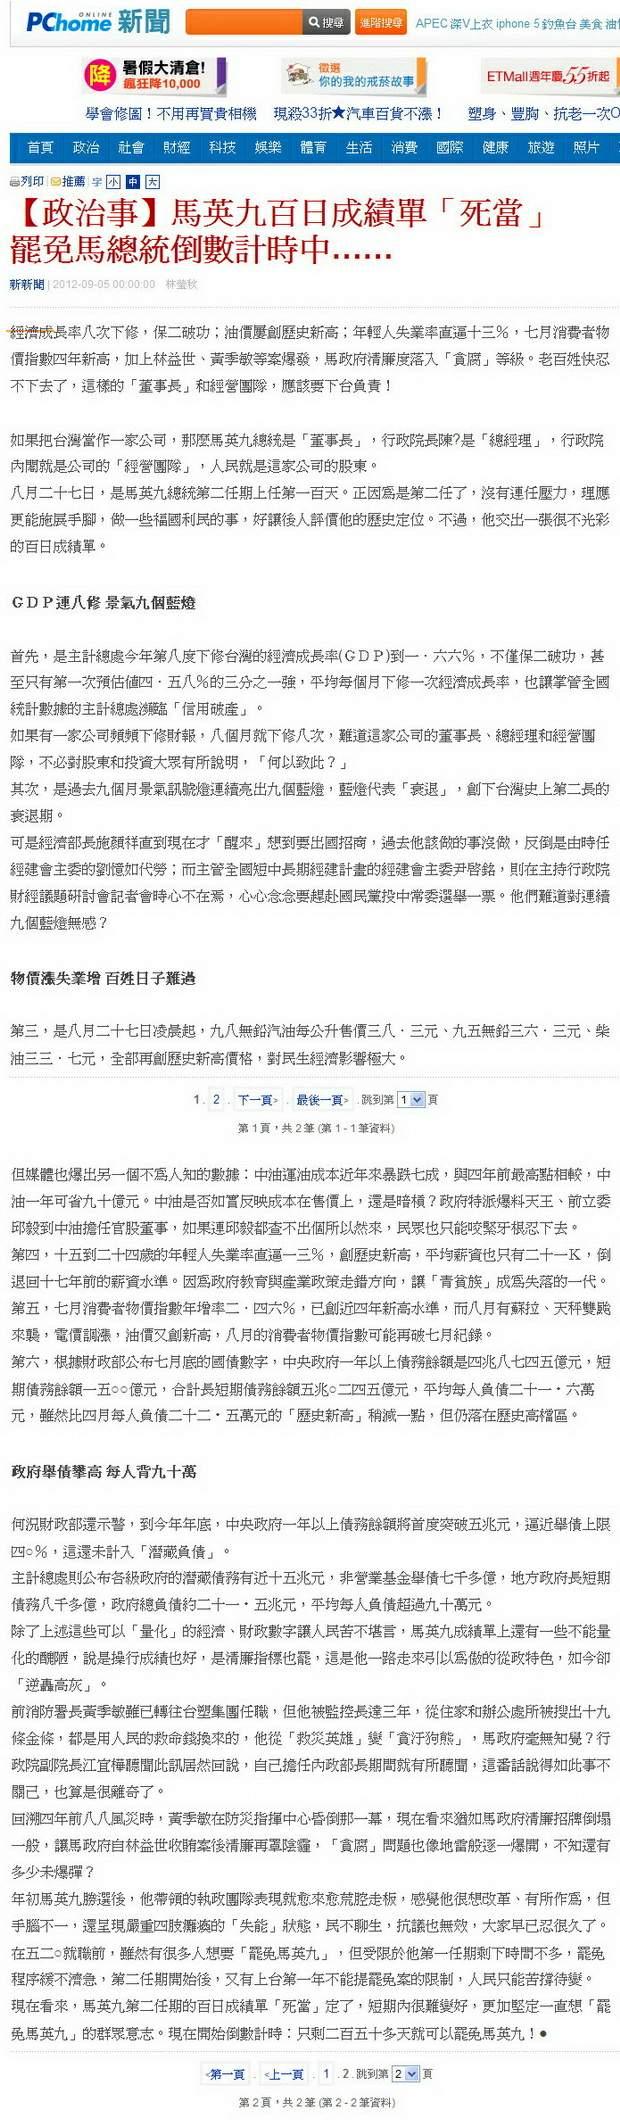 馬英九百日成績單「死當」 罷免馬總統倒數計時中-2012.09.05-01